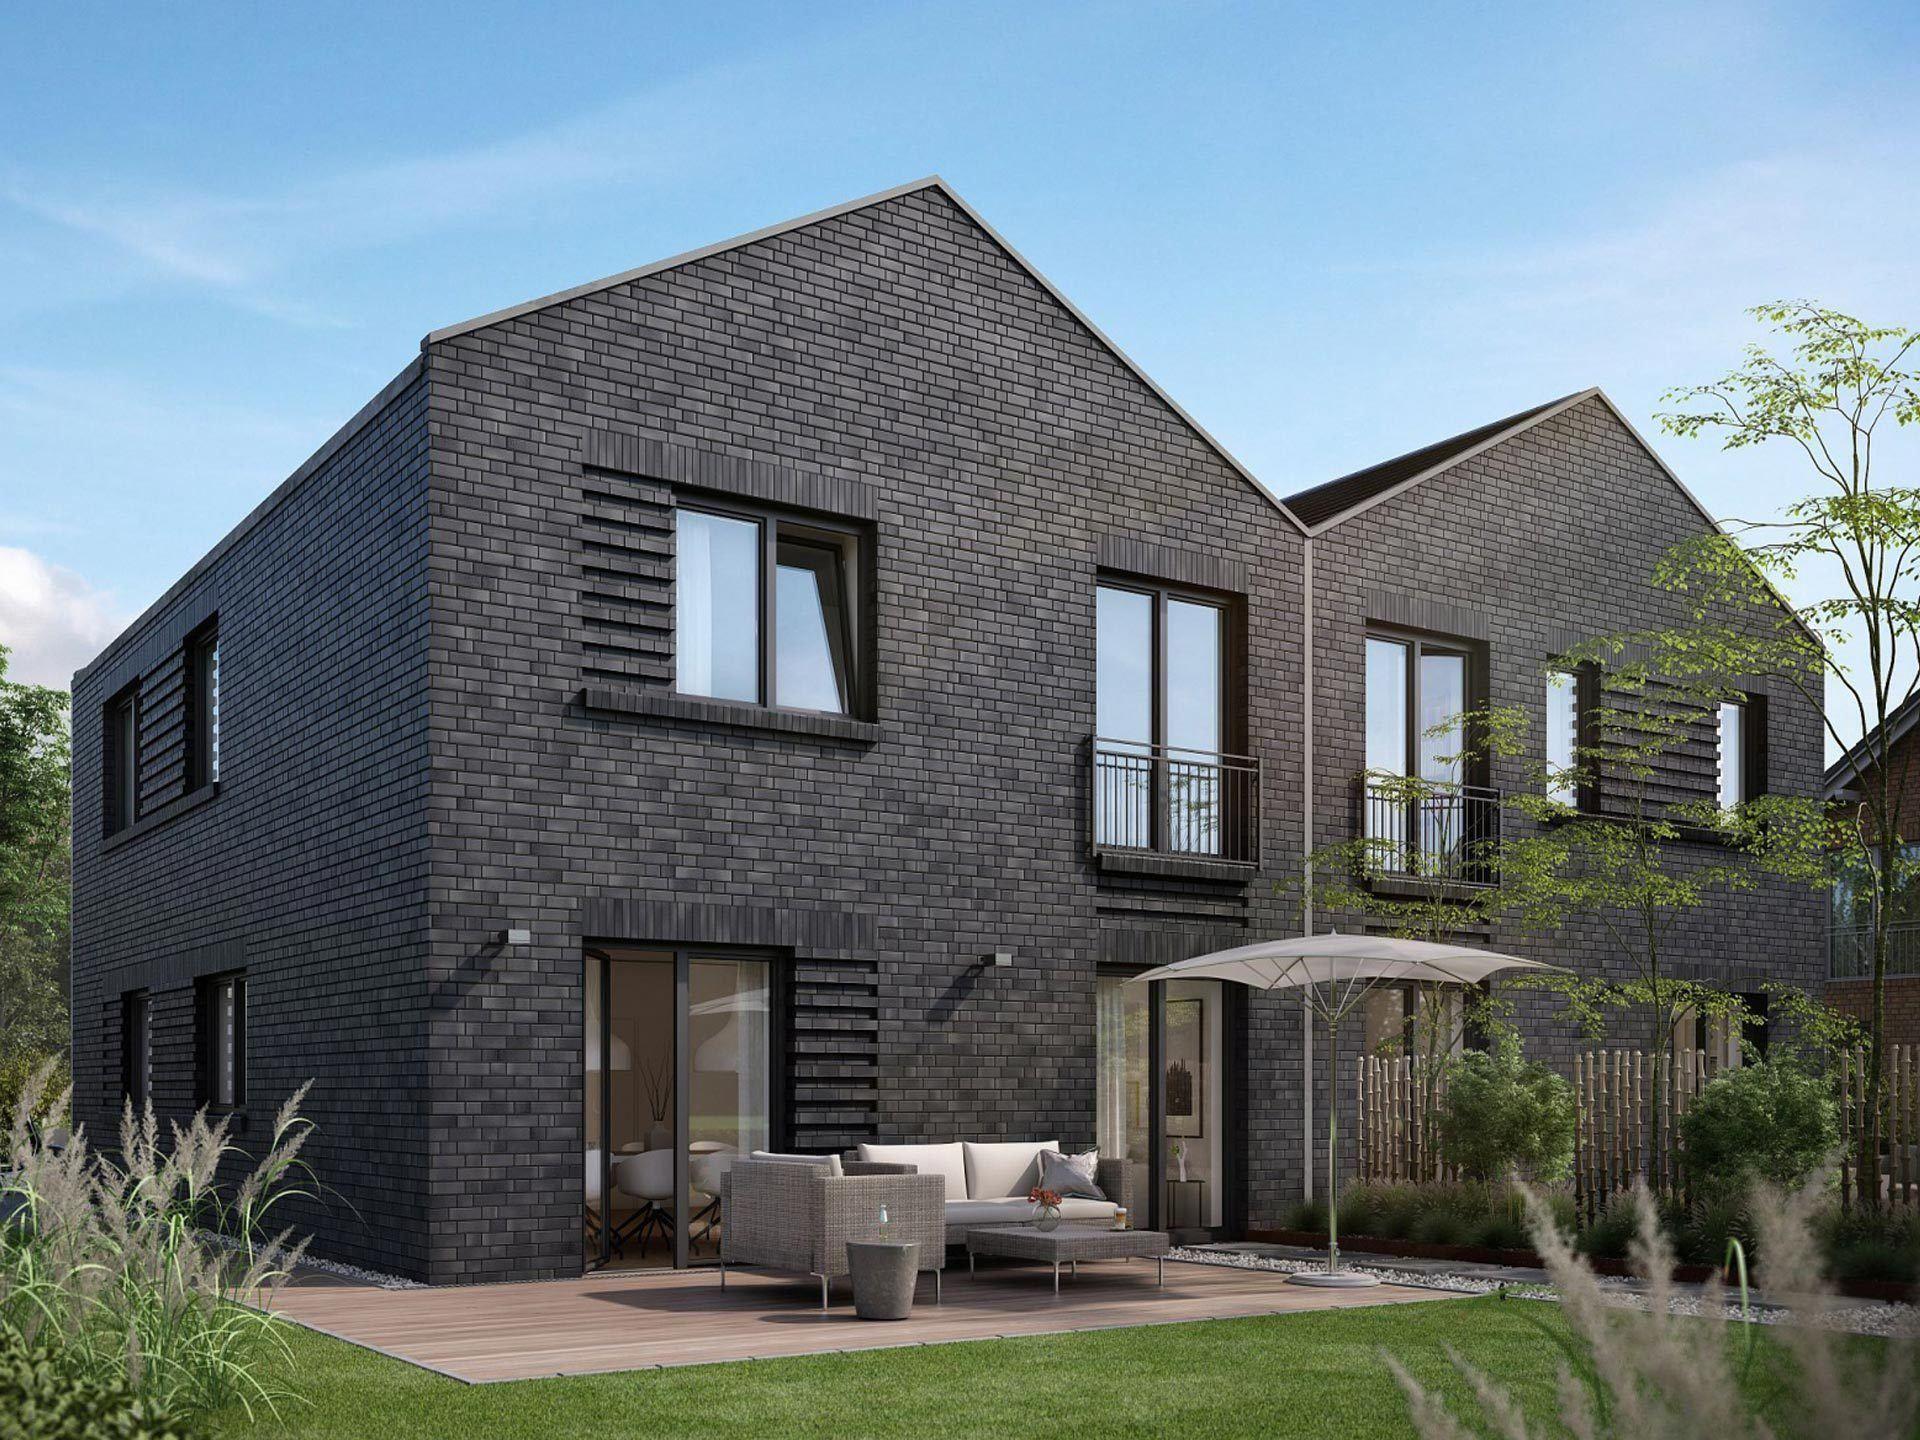 Iba haus modernart d musterhaus pinterest for Doppelhaus modern bauen